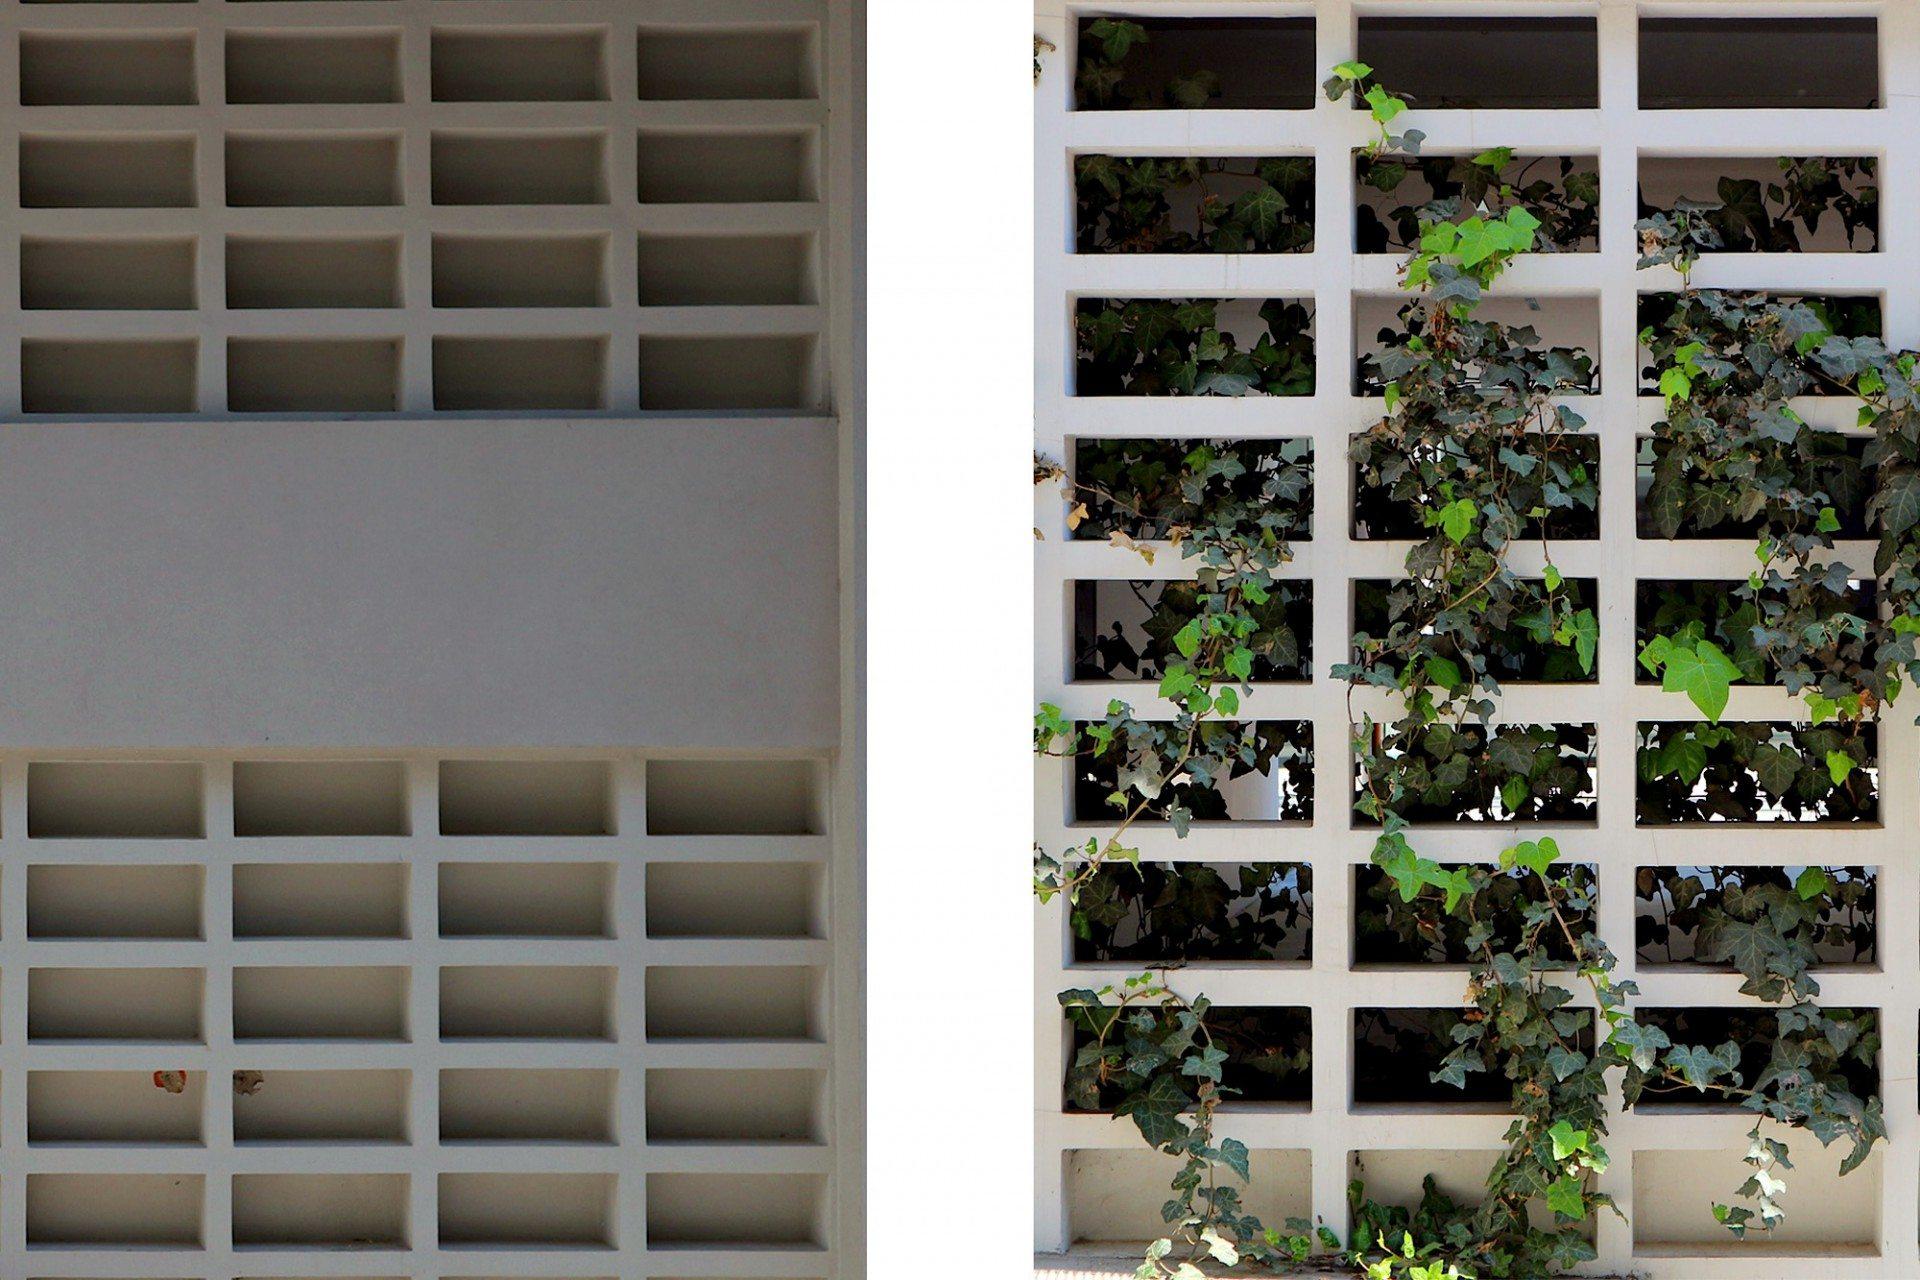 Gittermotiv. Die alten Betongitter-Elemente im Sockelbereich findet man an vielen Gebäuden dieser Zeit, aber auch an Tschumis neuem Akropolis-Museum.